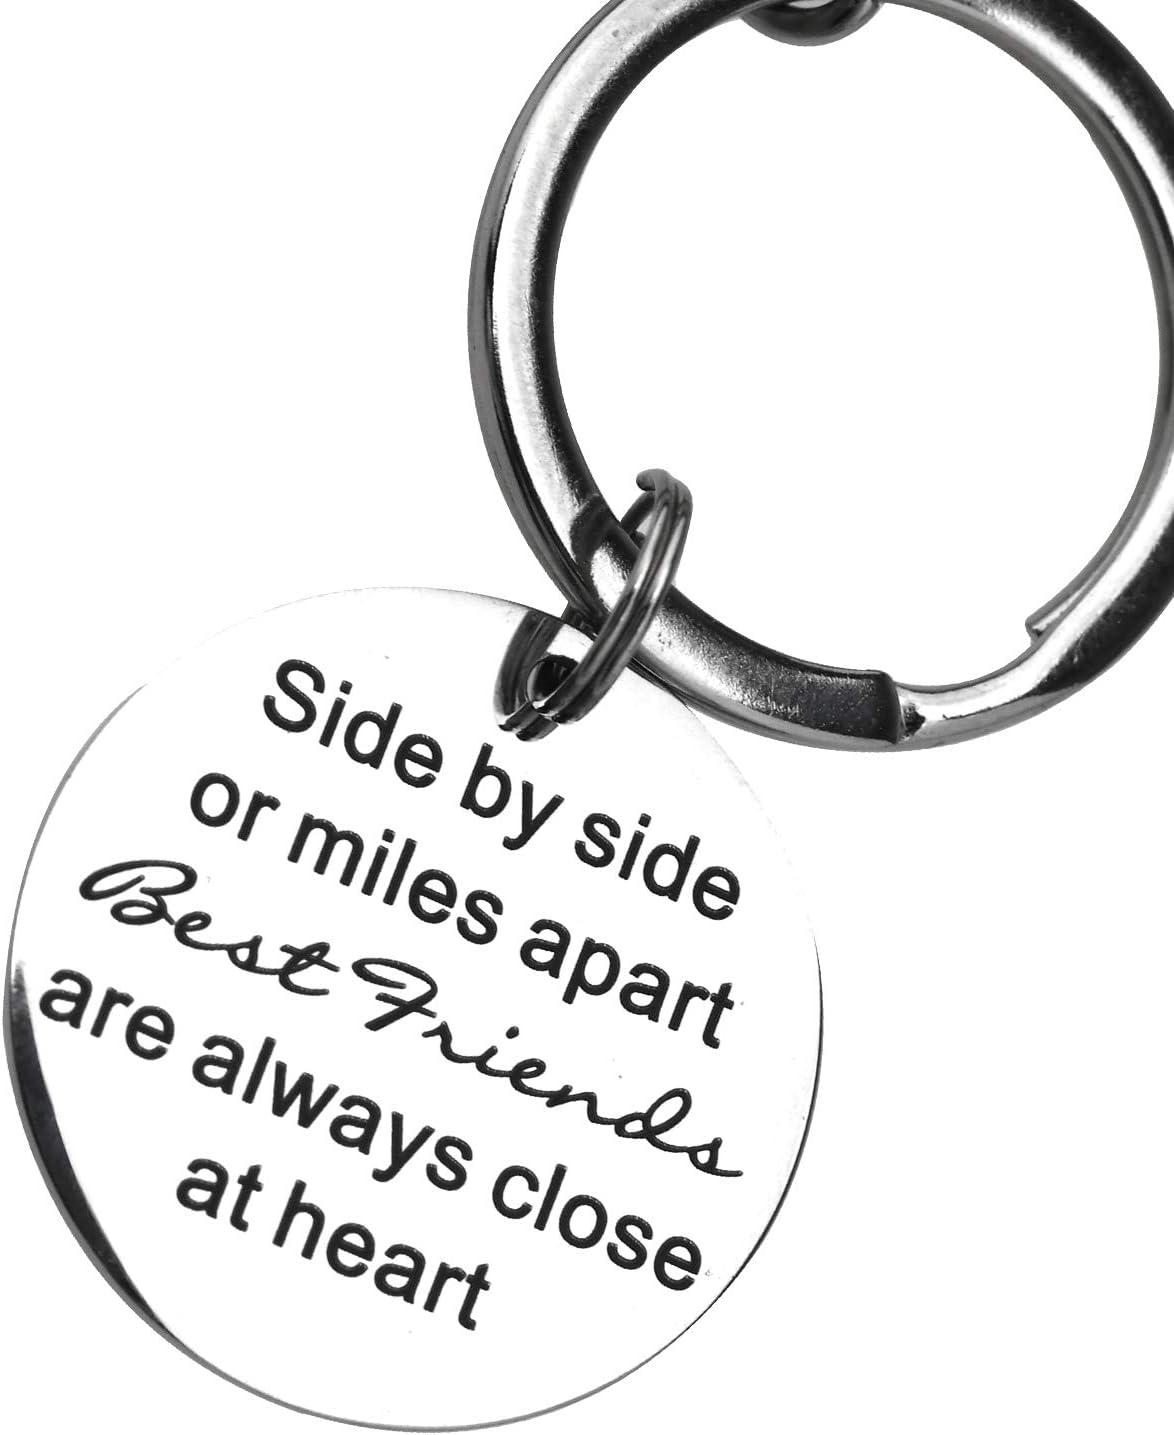 OTOTEC Porte-cl/és Side to Side Or Miles Apart Boussole Best Friends Sac /à Main Porte-cl/és pour Femmes Filles Amis Cadeaux Sac /à Main Accessoires